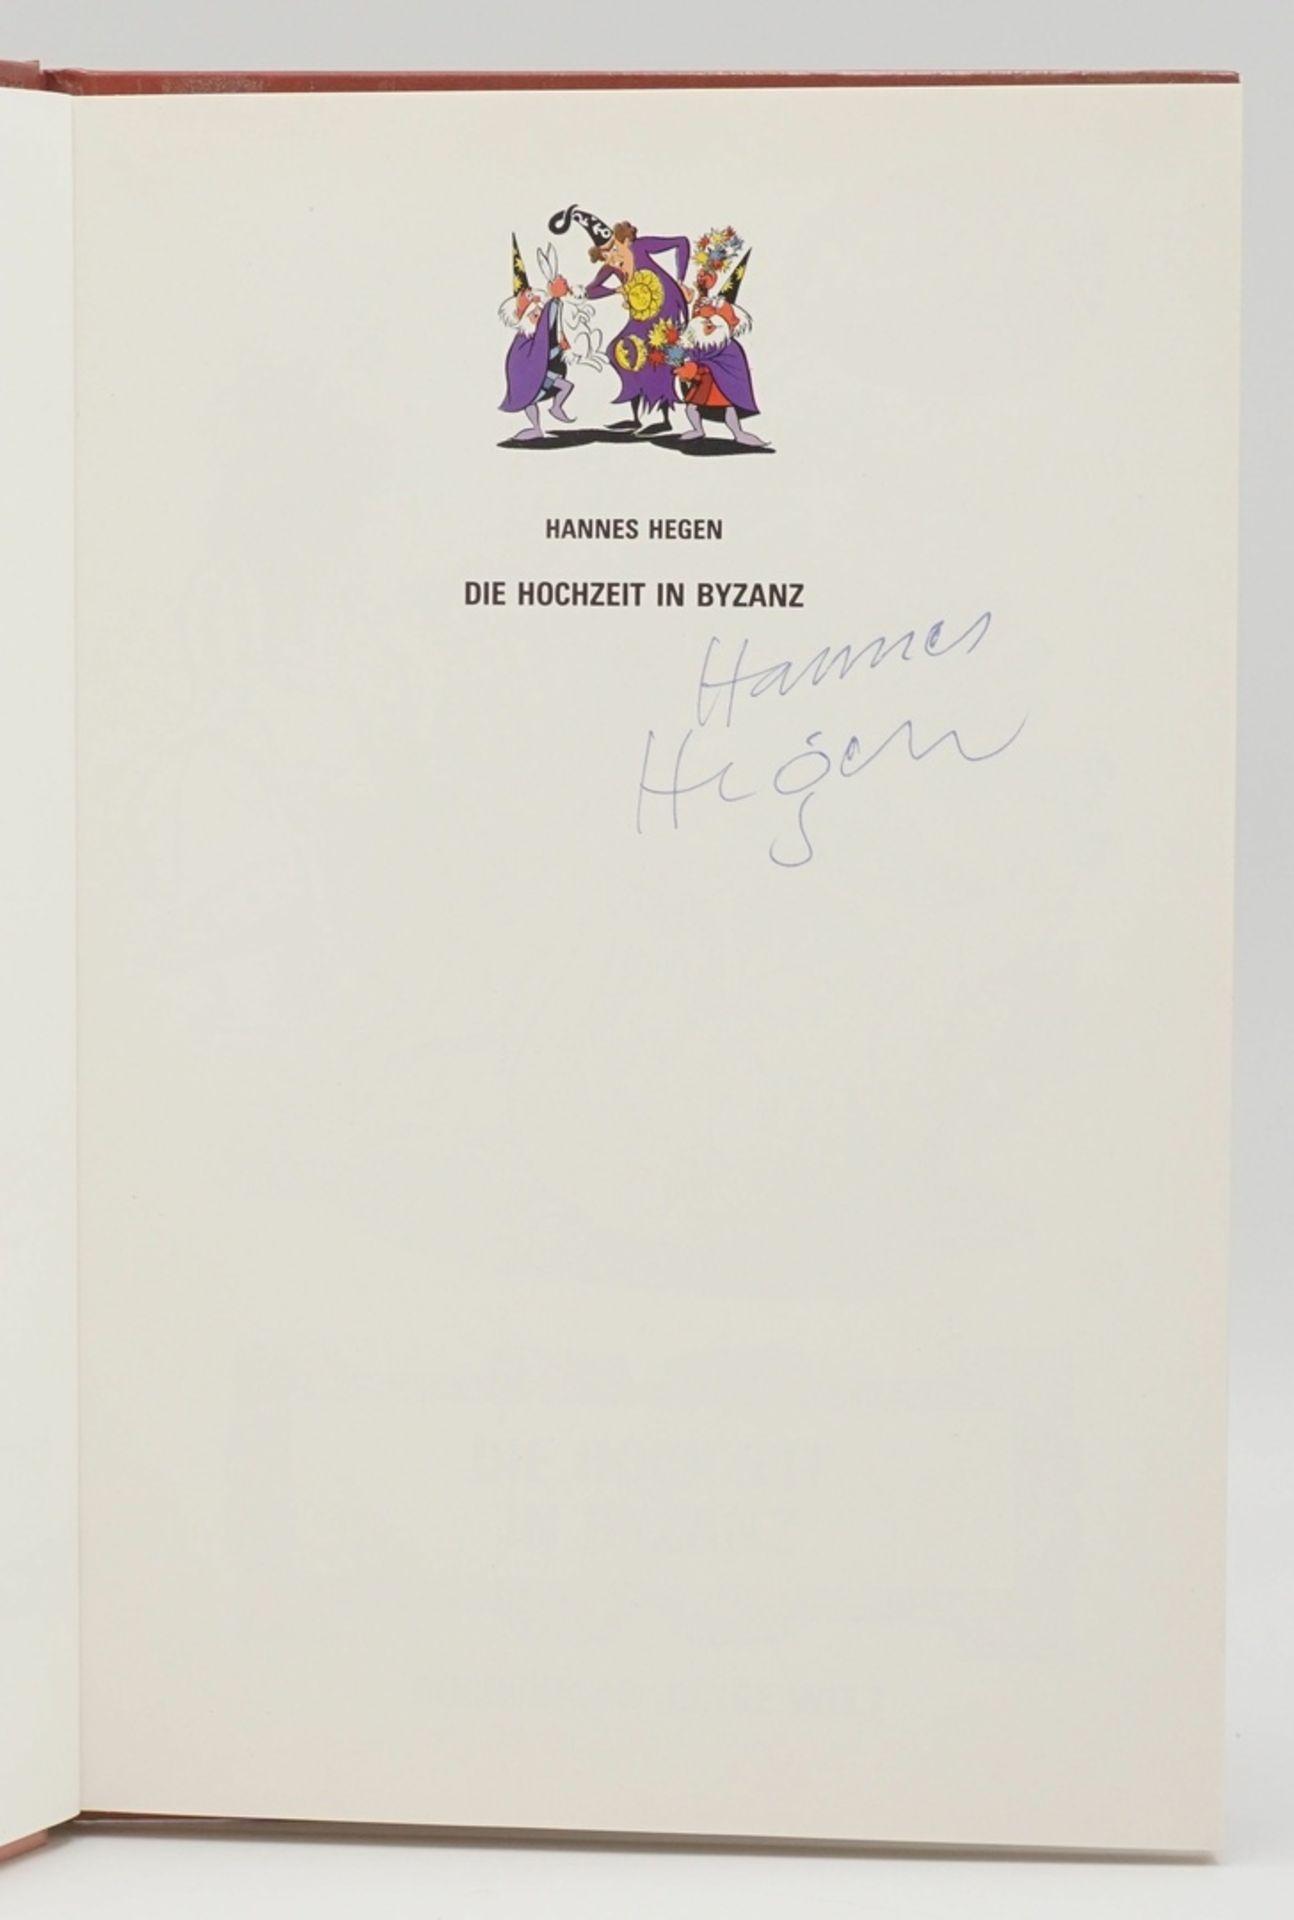 Hannes Hegen, signierter Digedag-Sammelband - Bild 2 aus 3